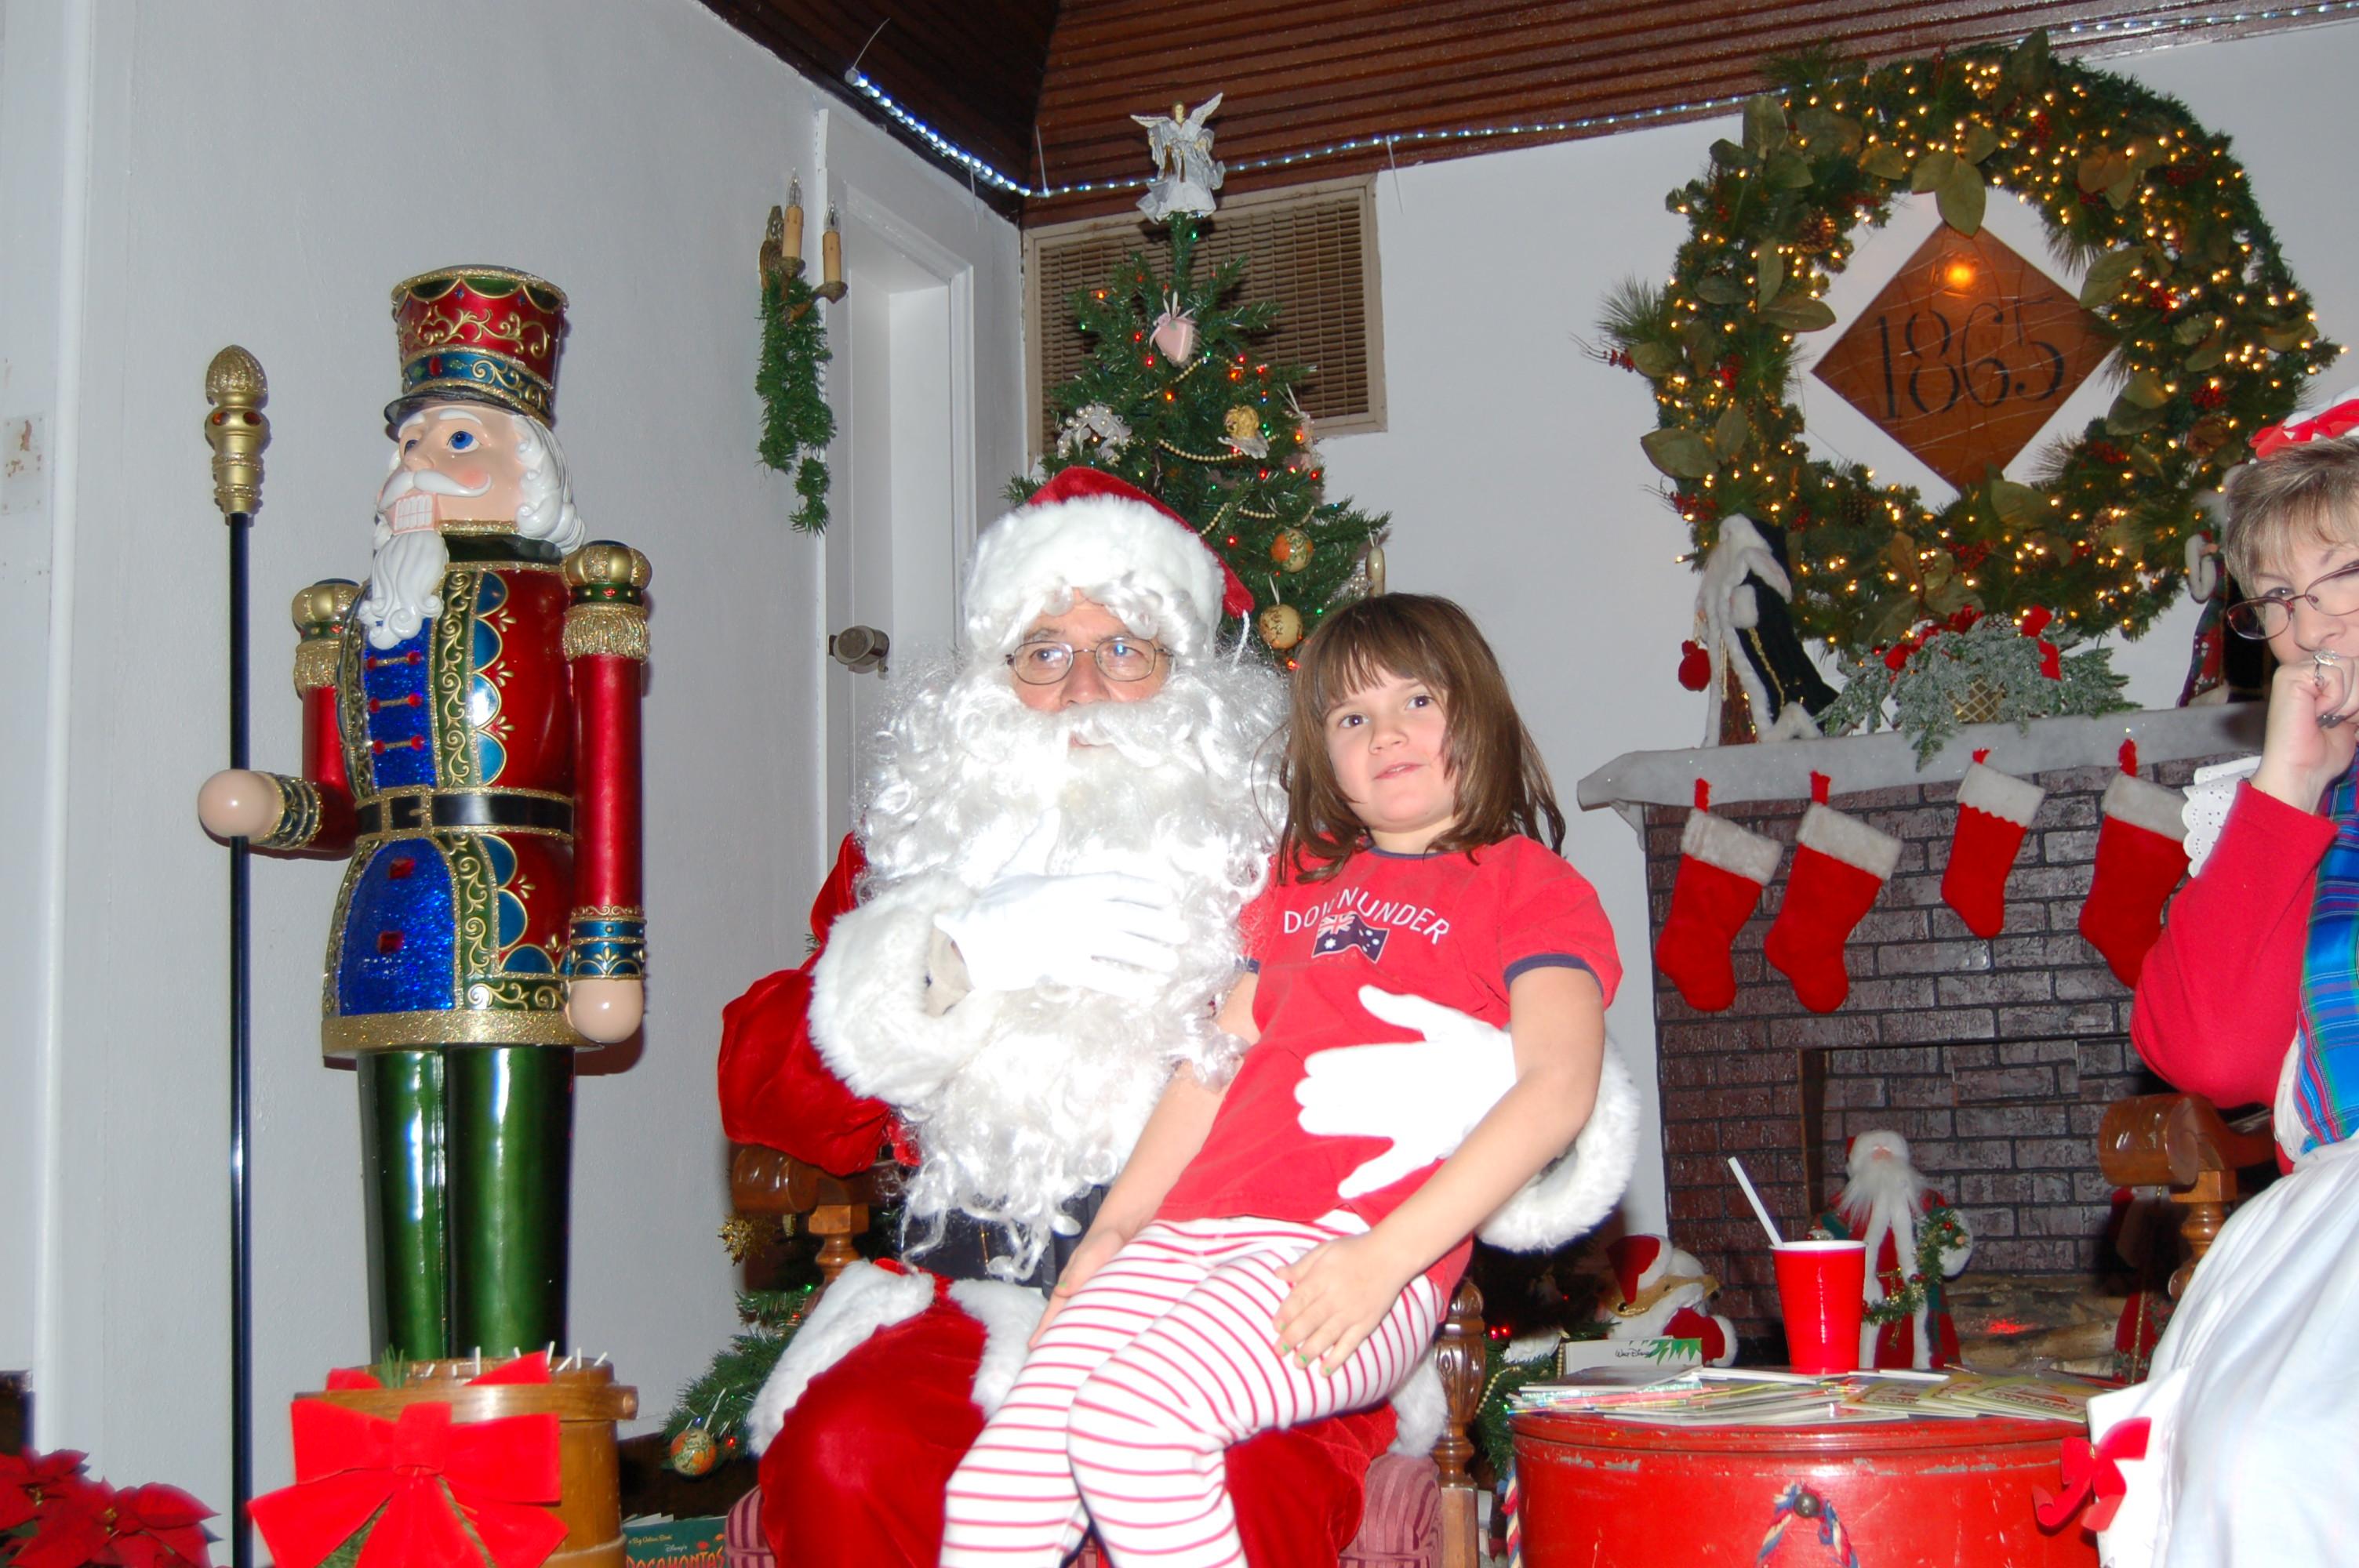 LolliPop+Lane+12-12-2008+Picture+021.jpg